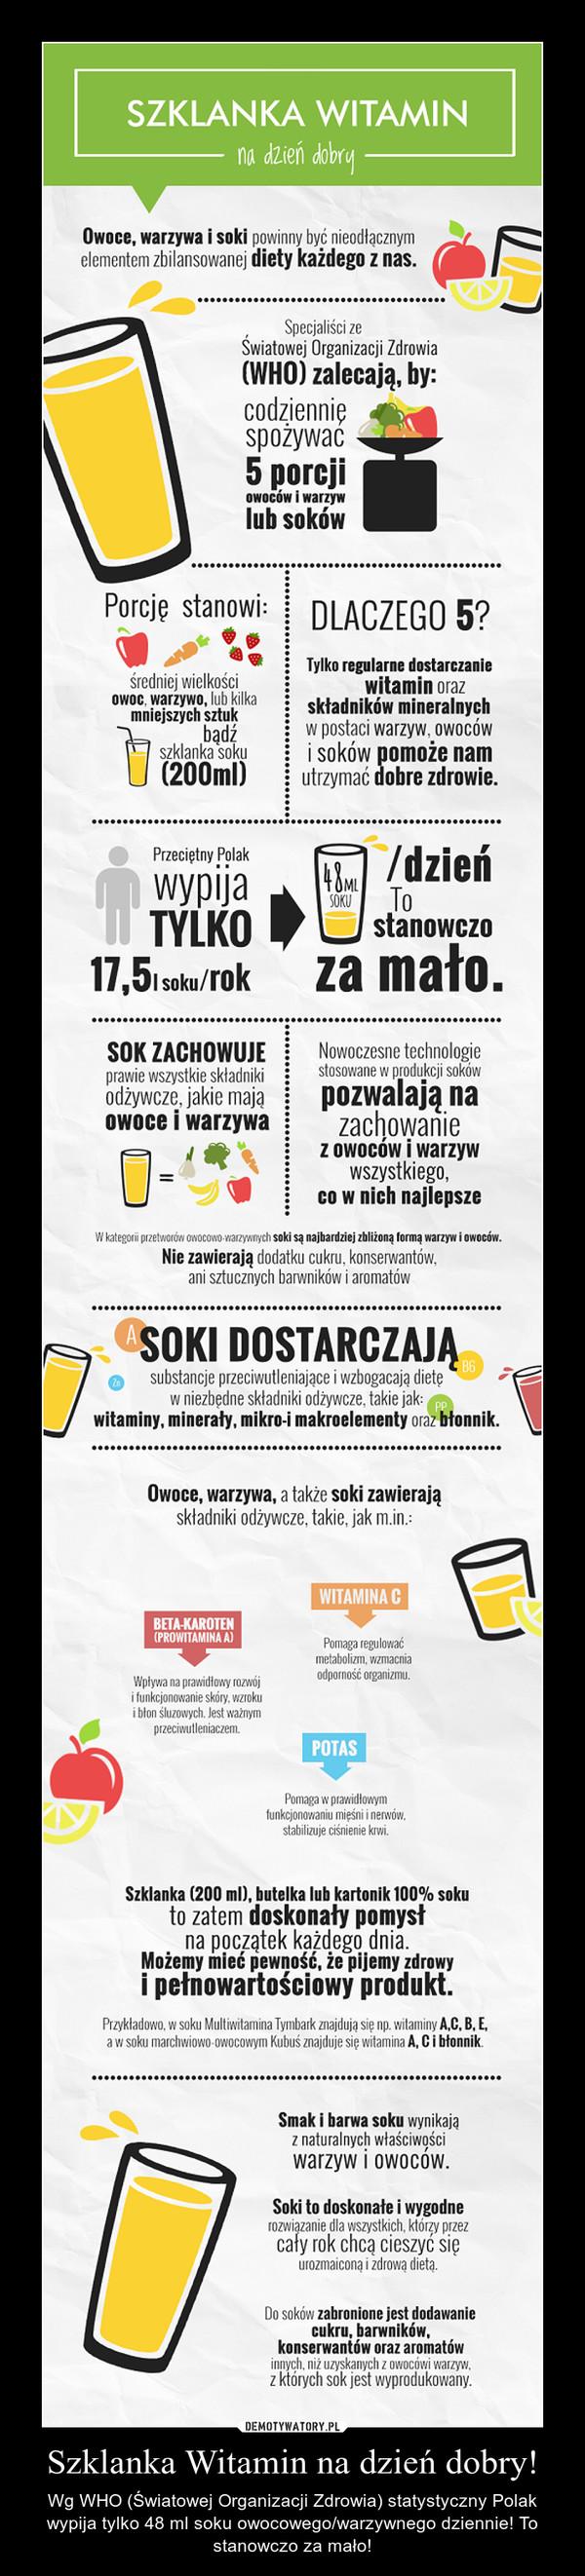 Szklanka Witamin na dzień dobry! – Wg WHO (Światowej Organizacji Zdrowia) statystyczny Polak wypija tylko 48 ml soku owocowego/warzywnego dziennie! To stanowczo za mało!